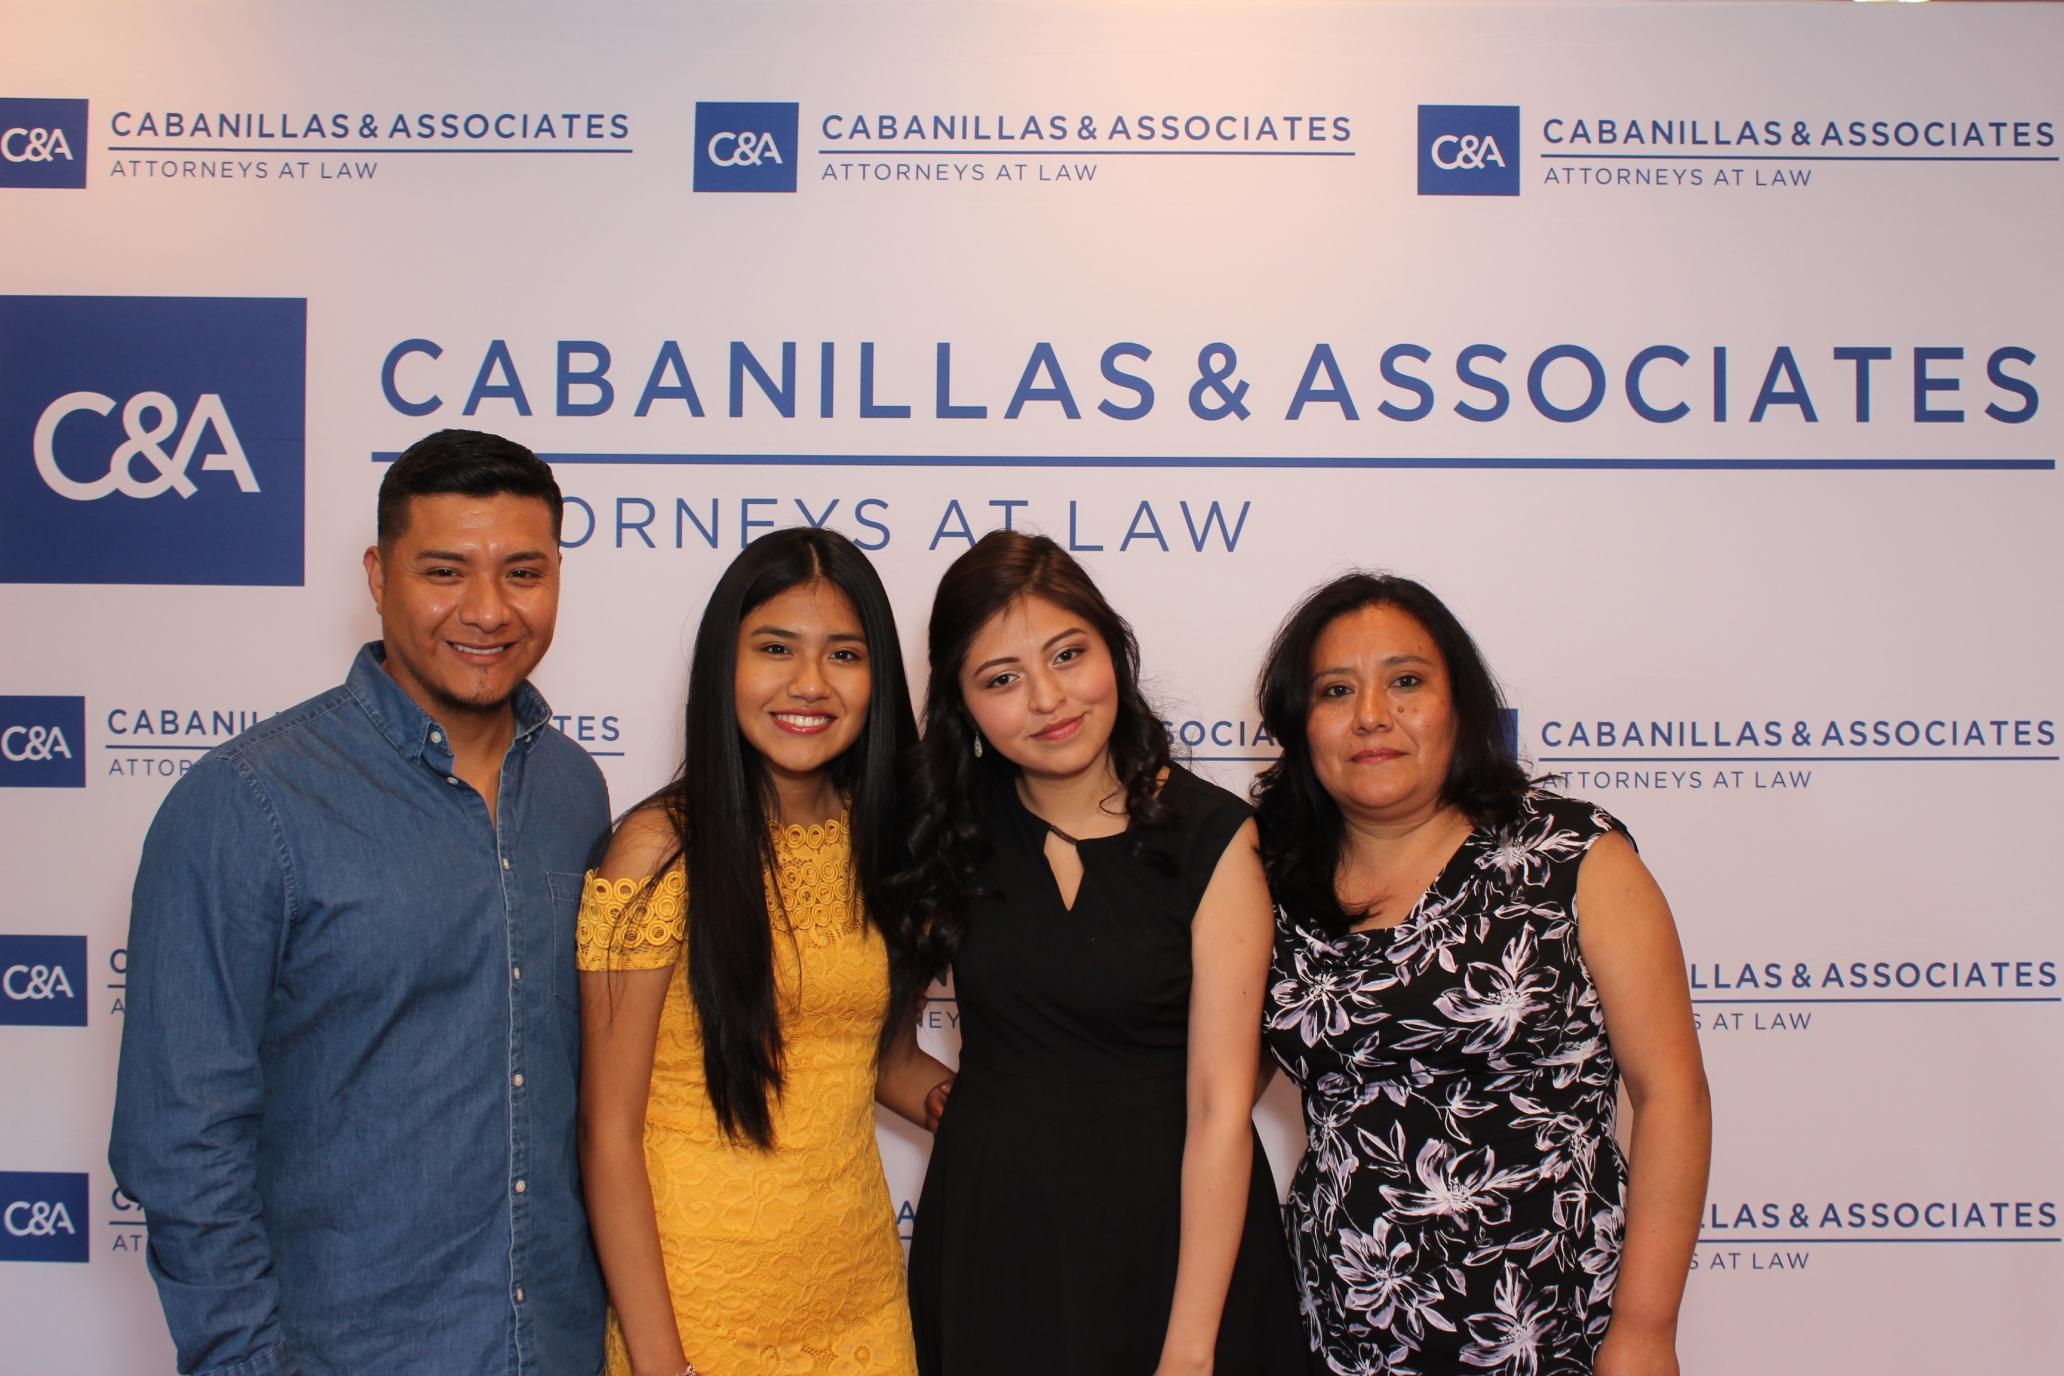 Cabanillas2018_2018-06-14_18-12-57.jpg